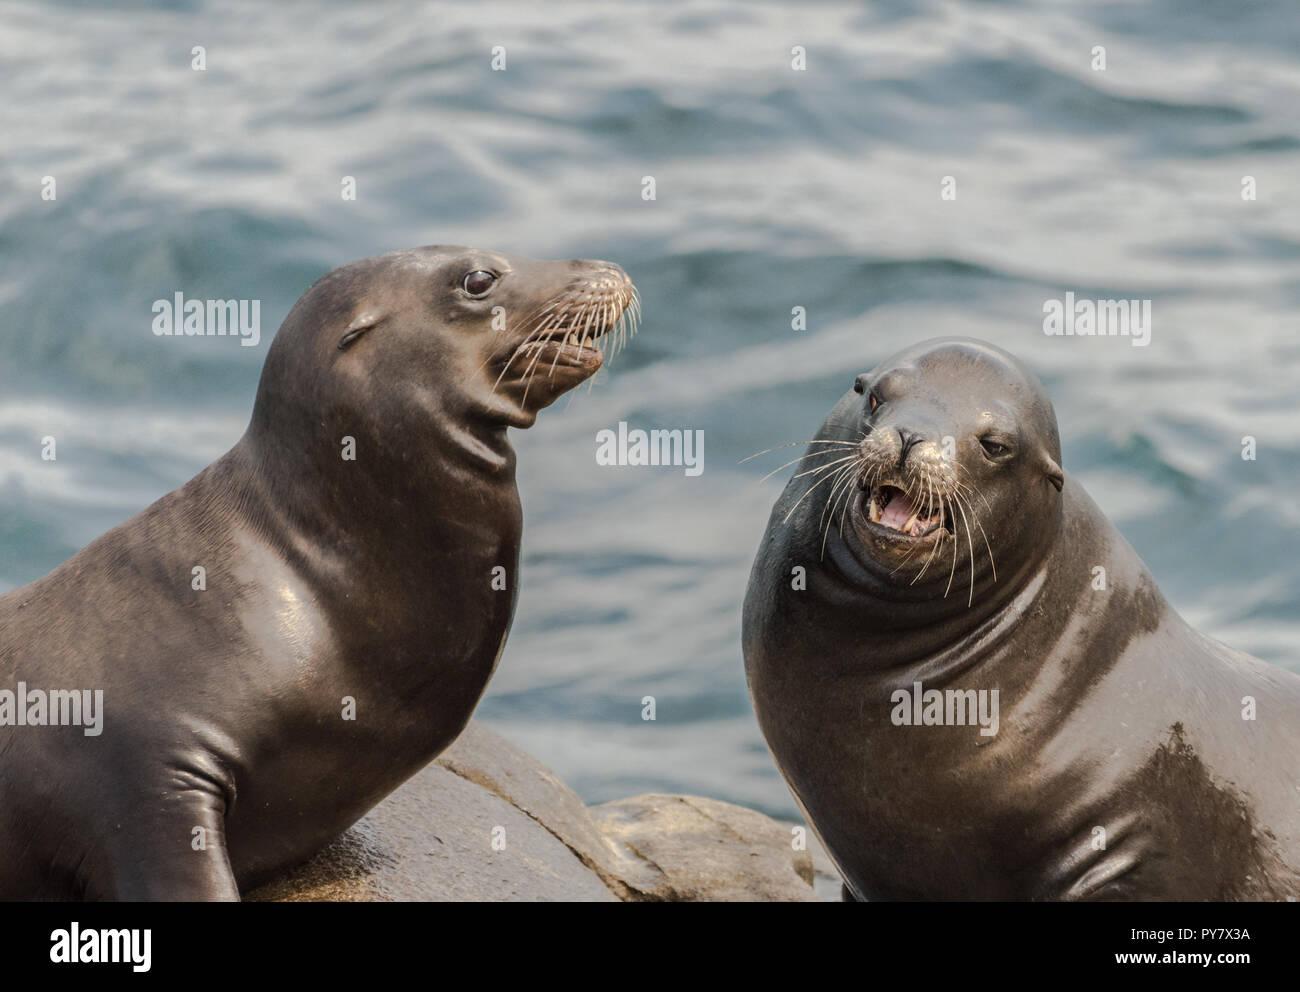 Deux lions de mer assis sur les rochers à La Jolla, Californie Banque D'Images